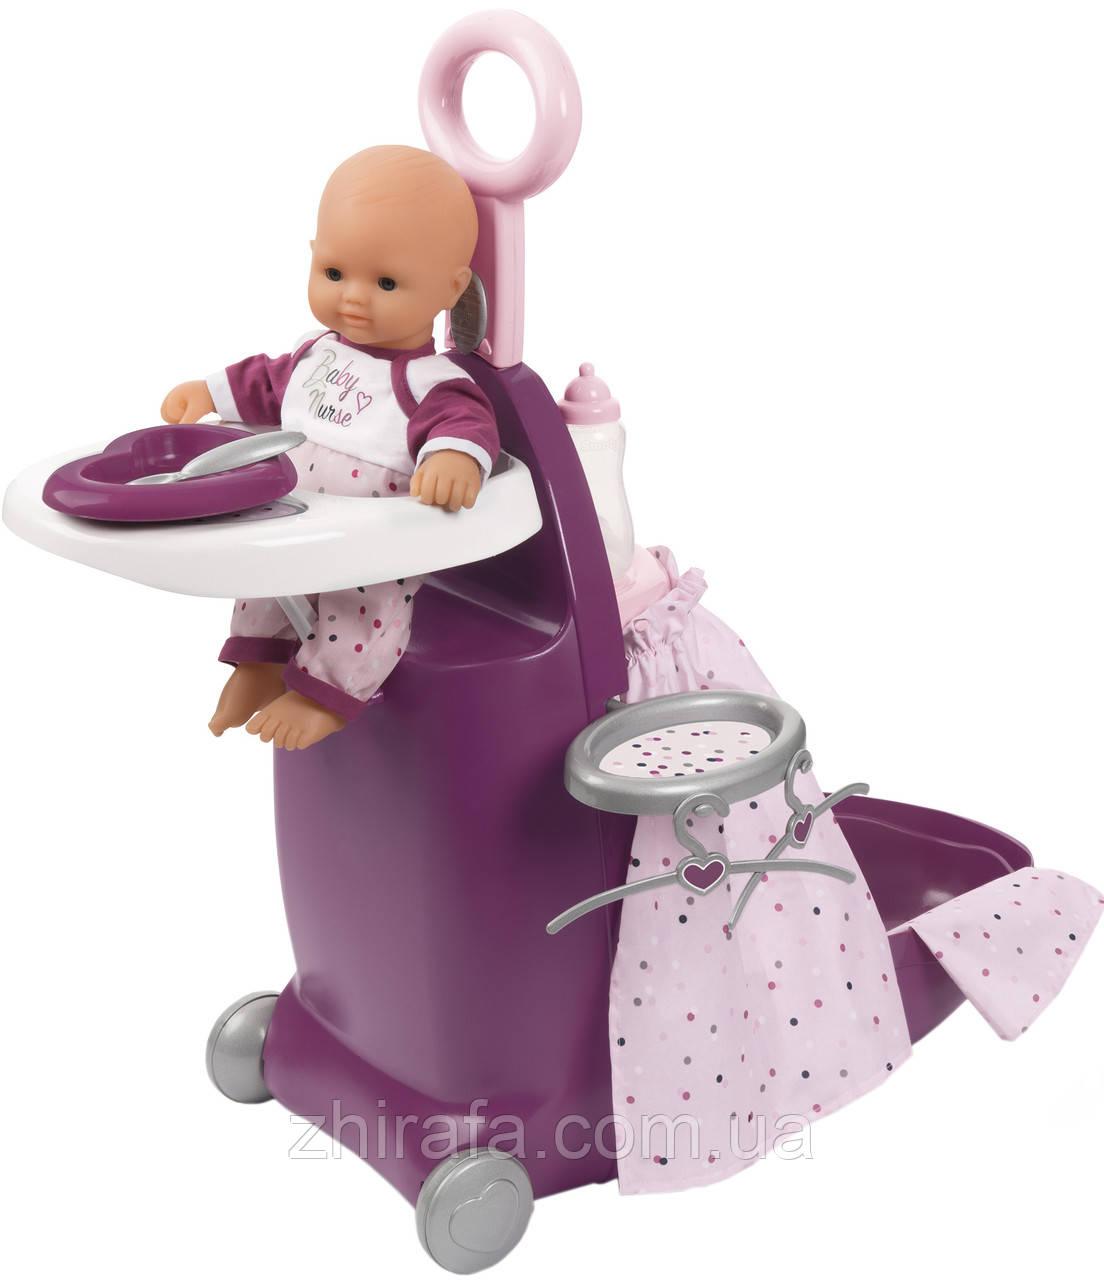 Smoby Раскладной чемодан с комнатой для куклы 3 в 1 Baby Nurse 220346